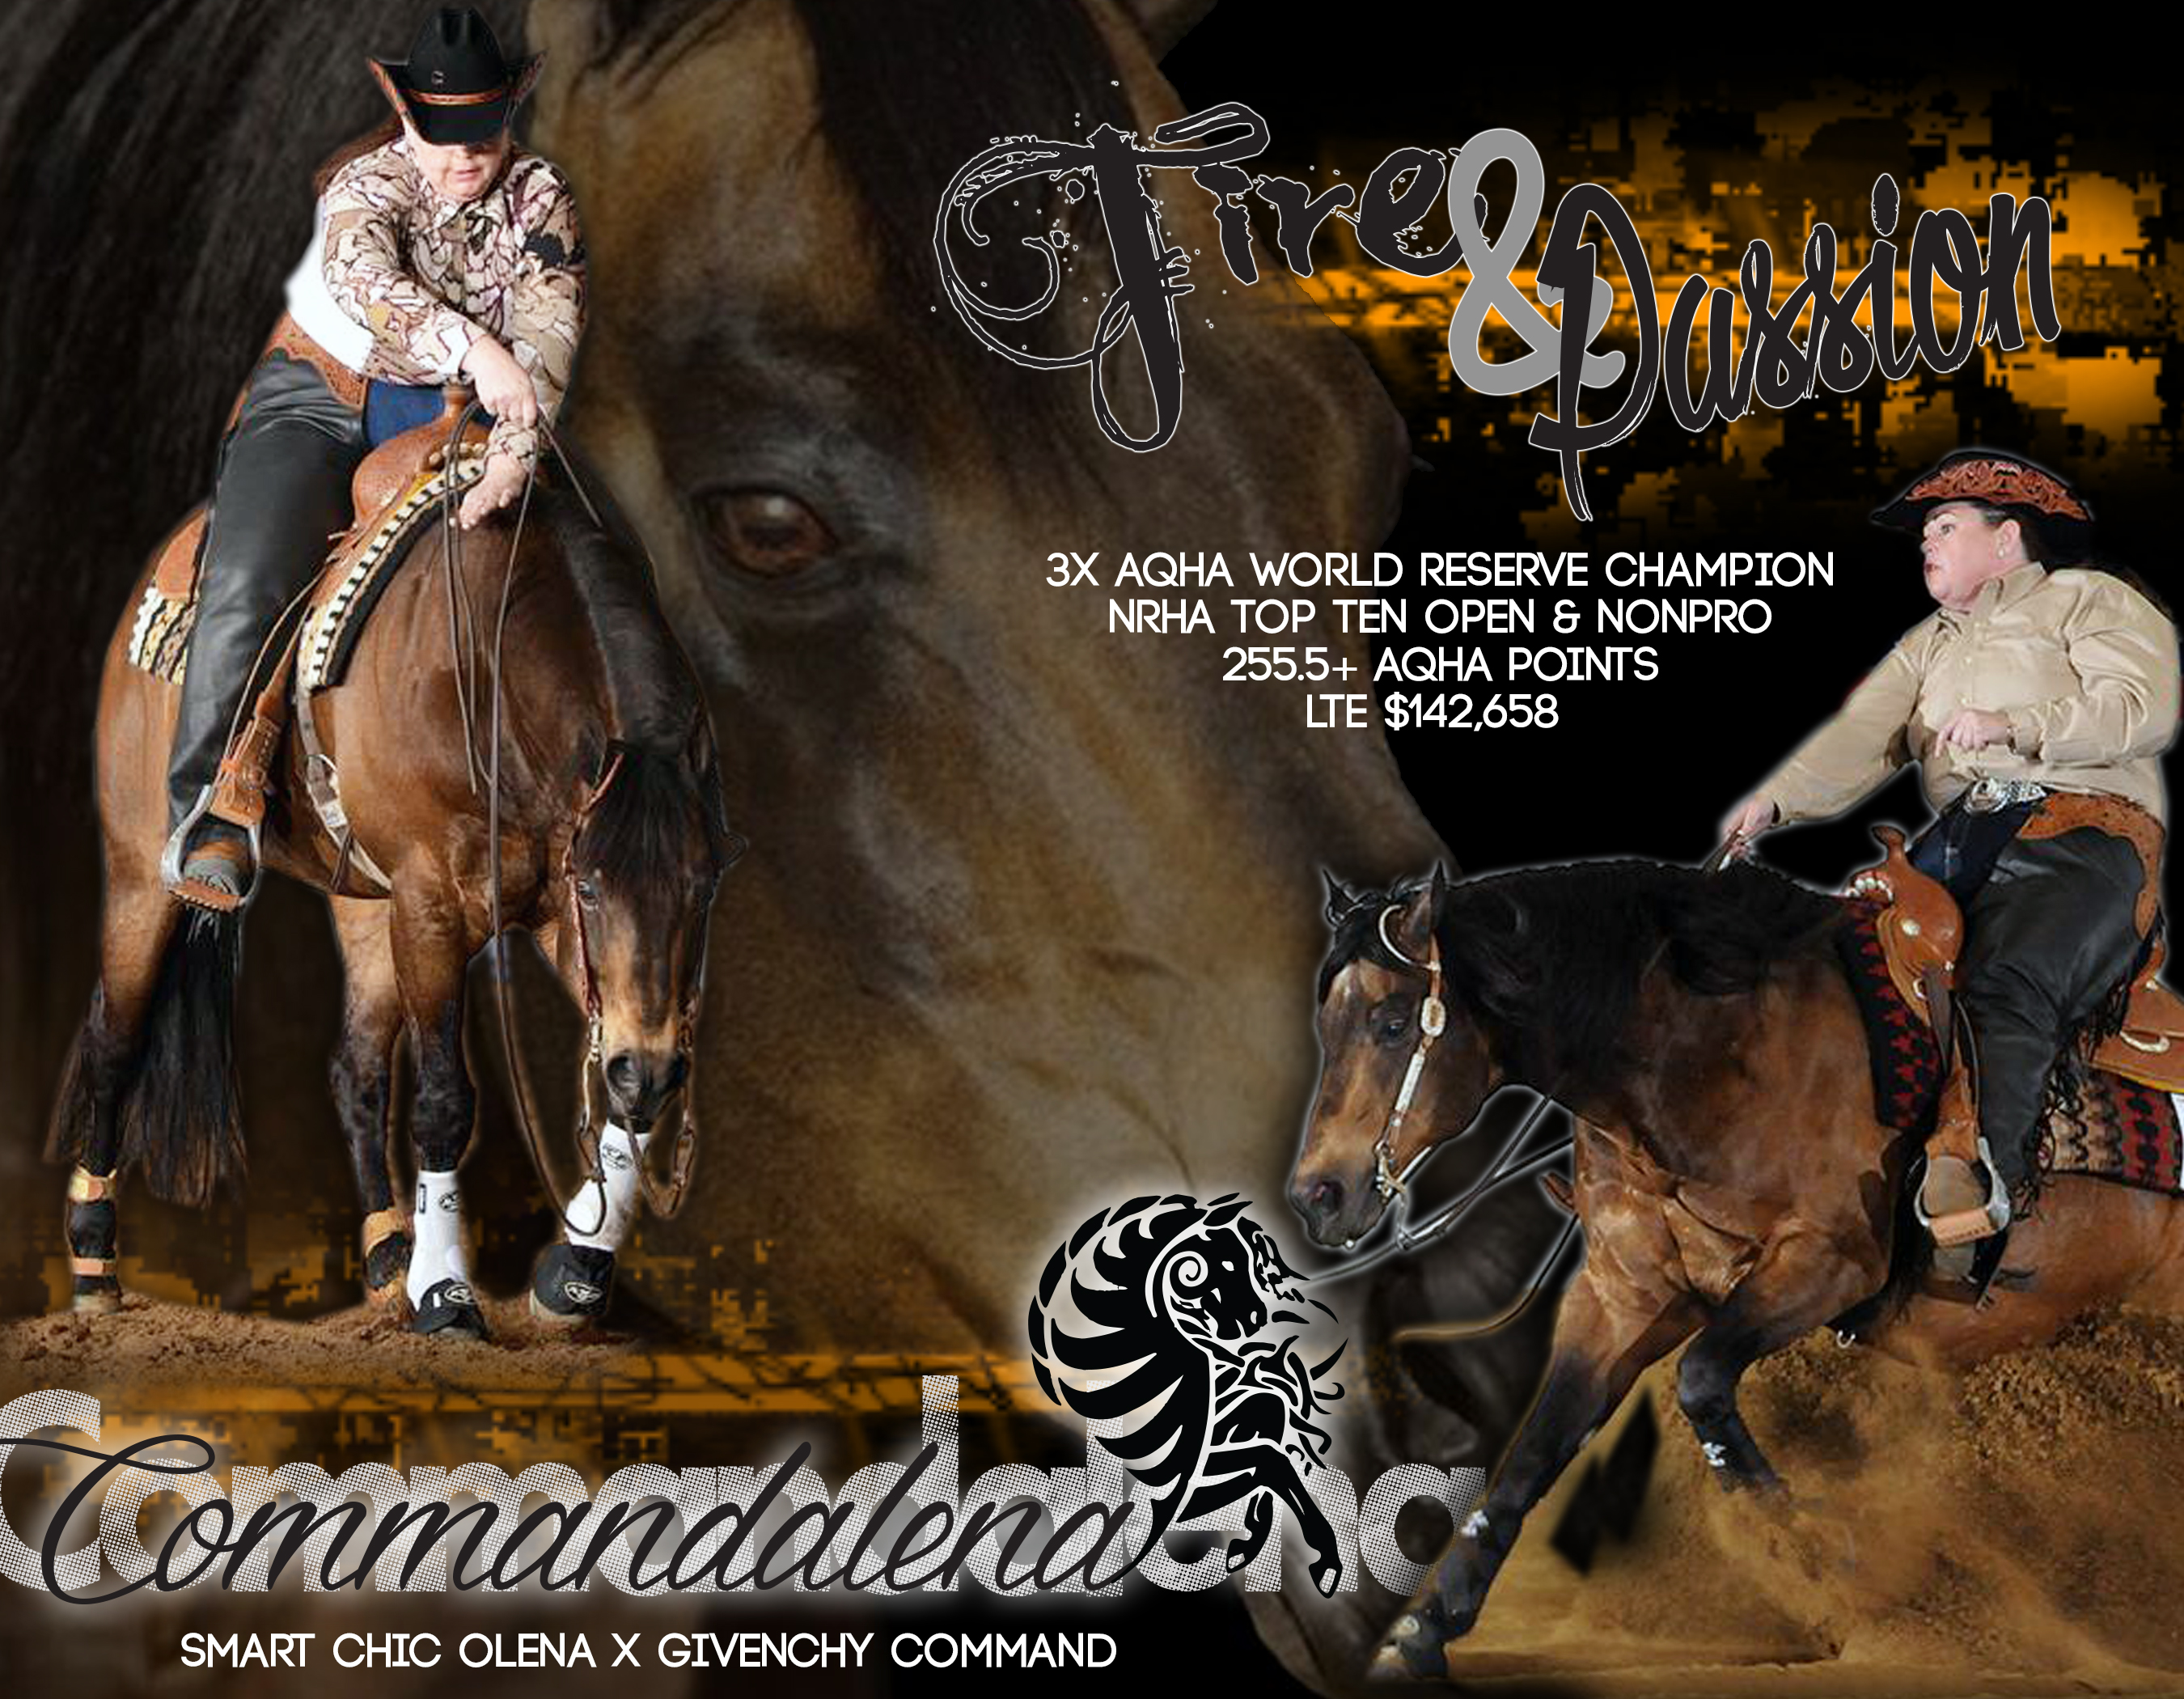 Stallion: Comandalena